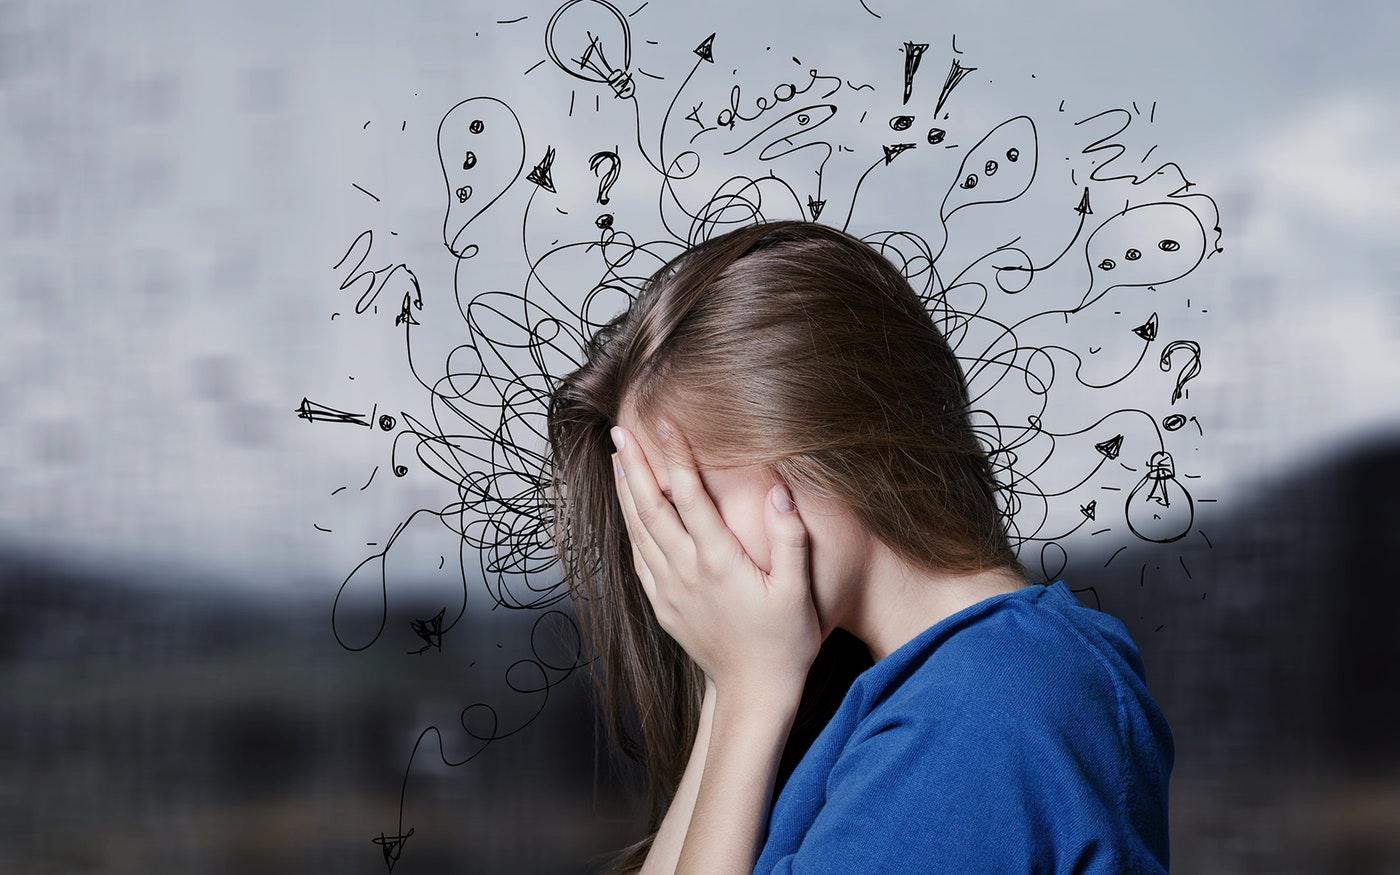 Суицид как феномен социально-психологической дезадаптации личности